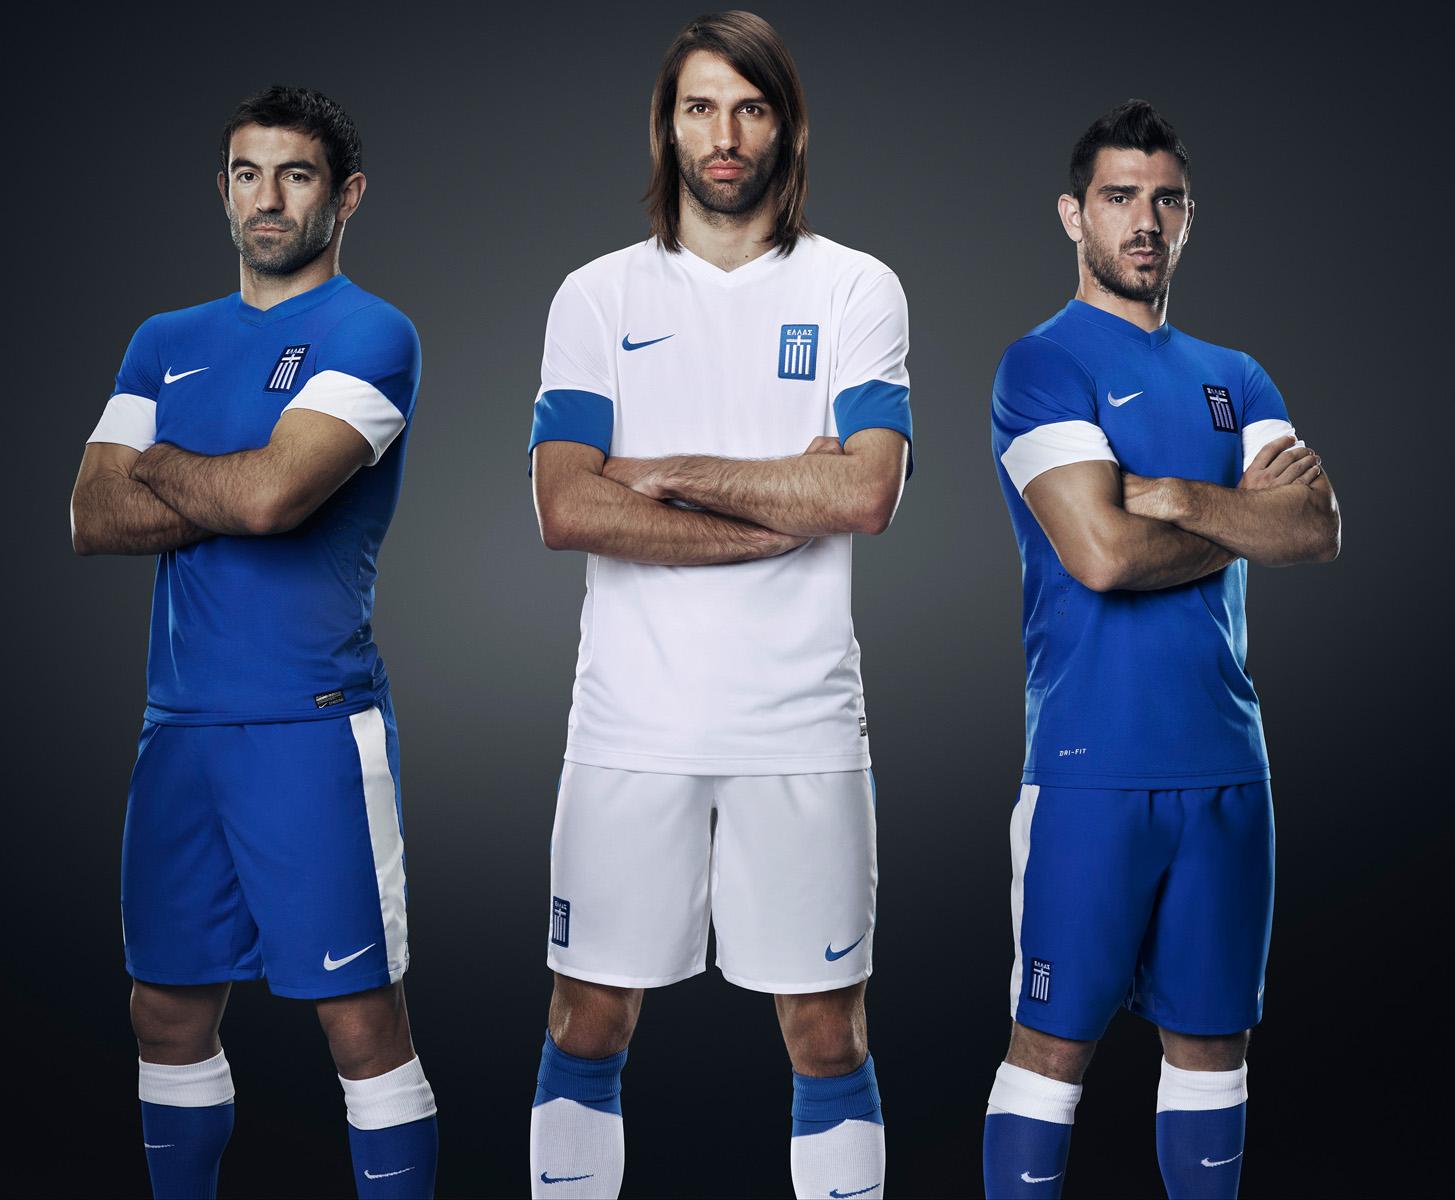 Nike_Greece_NTK_20532.jpg